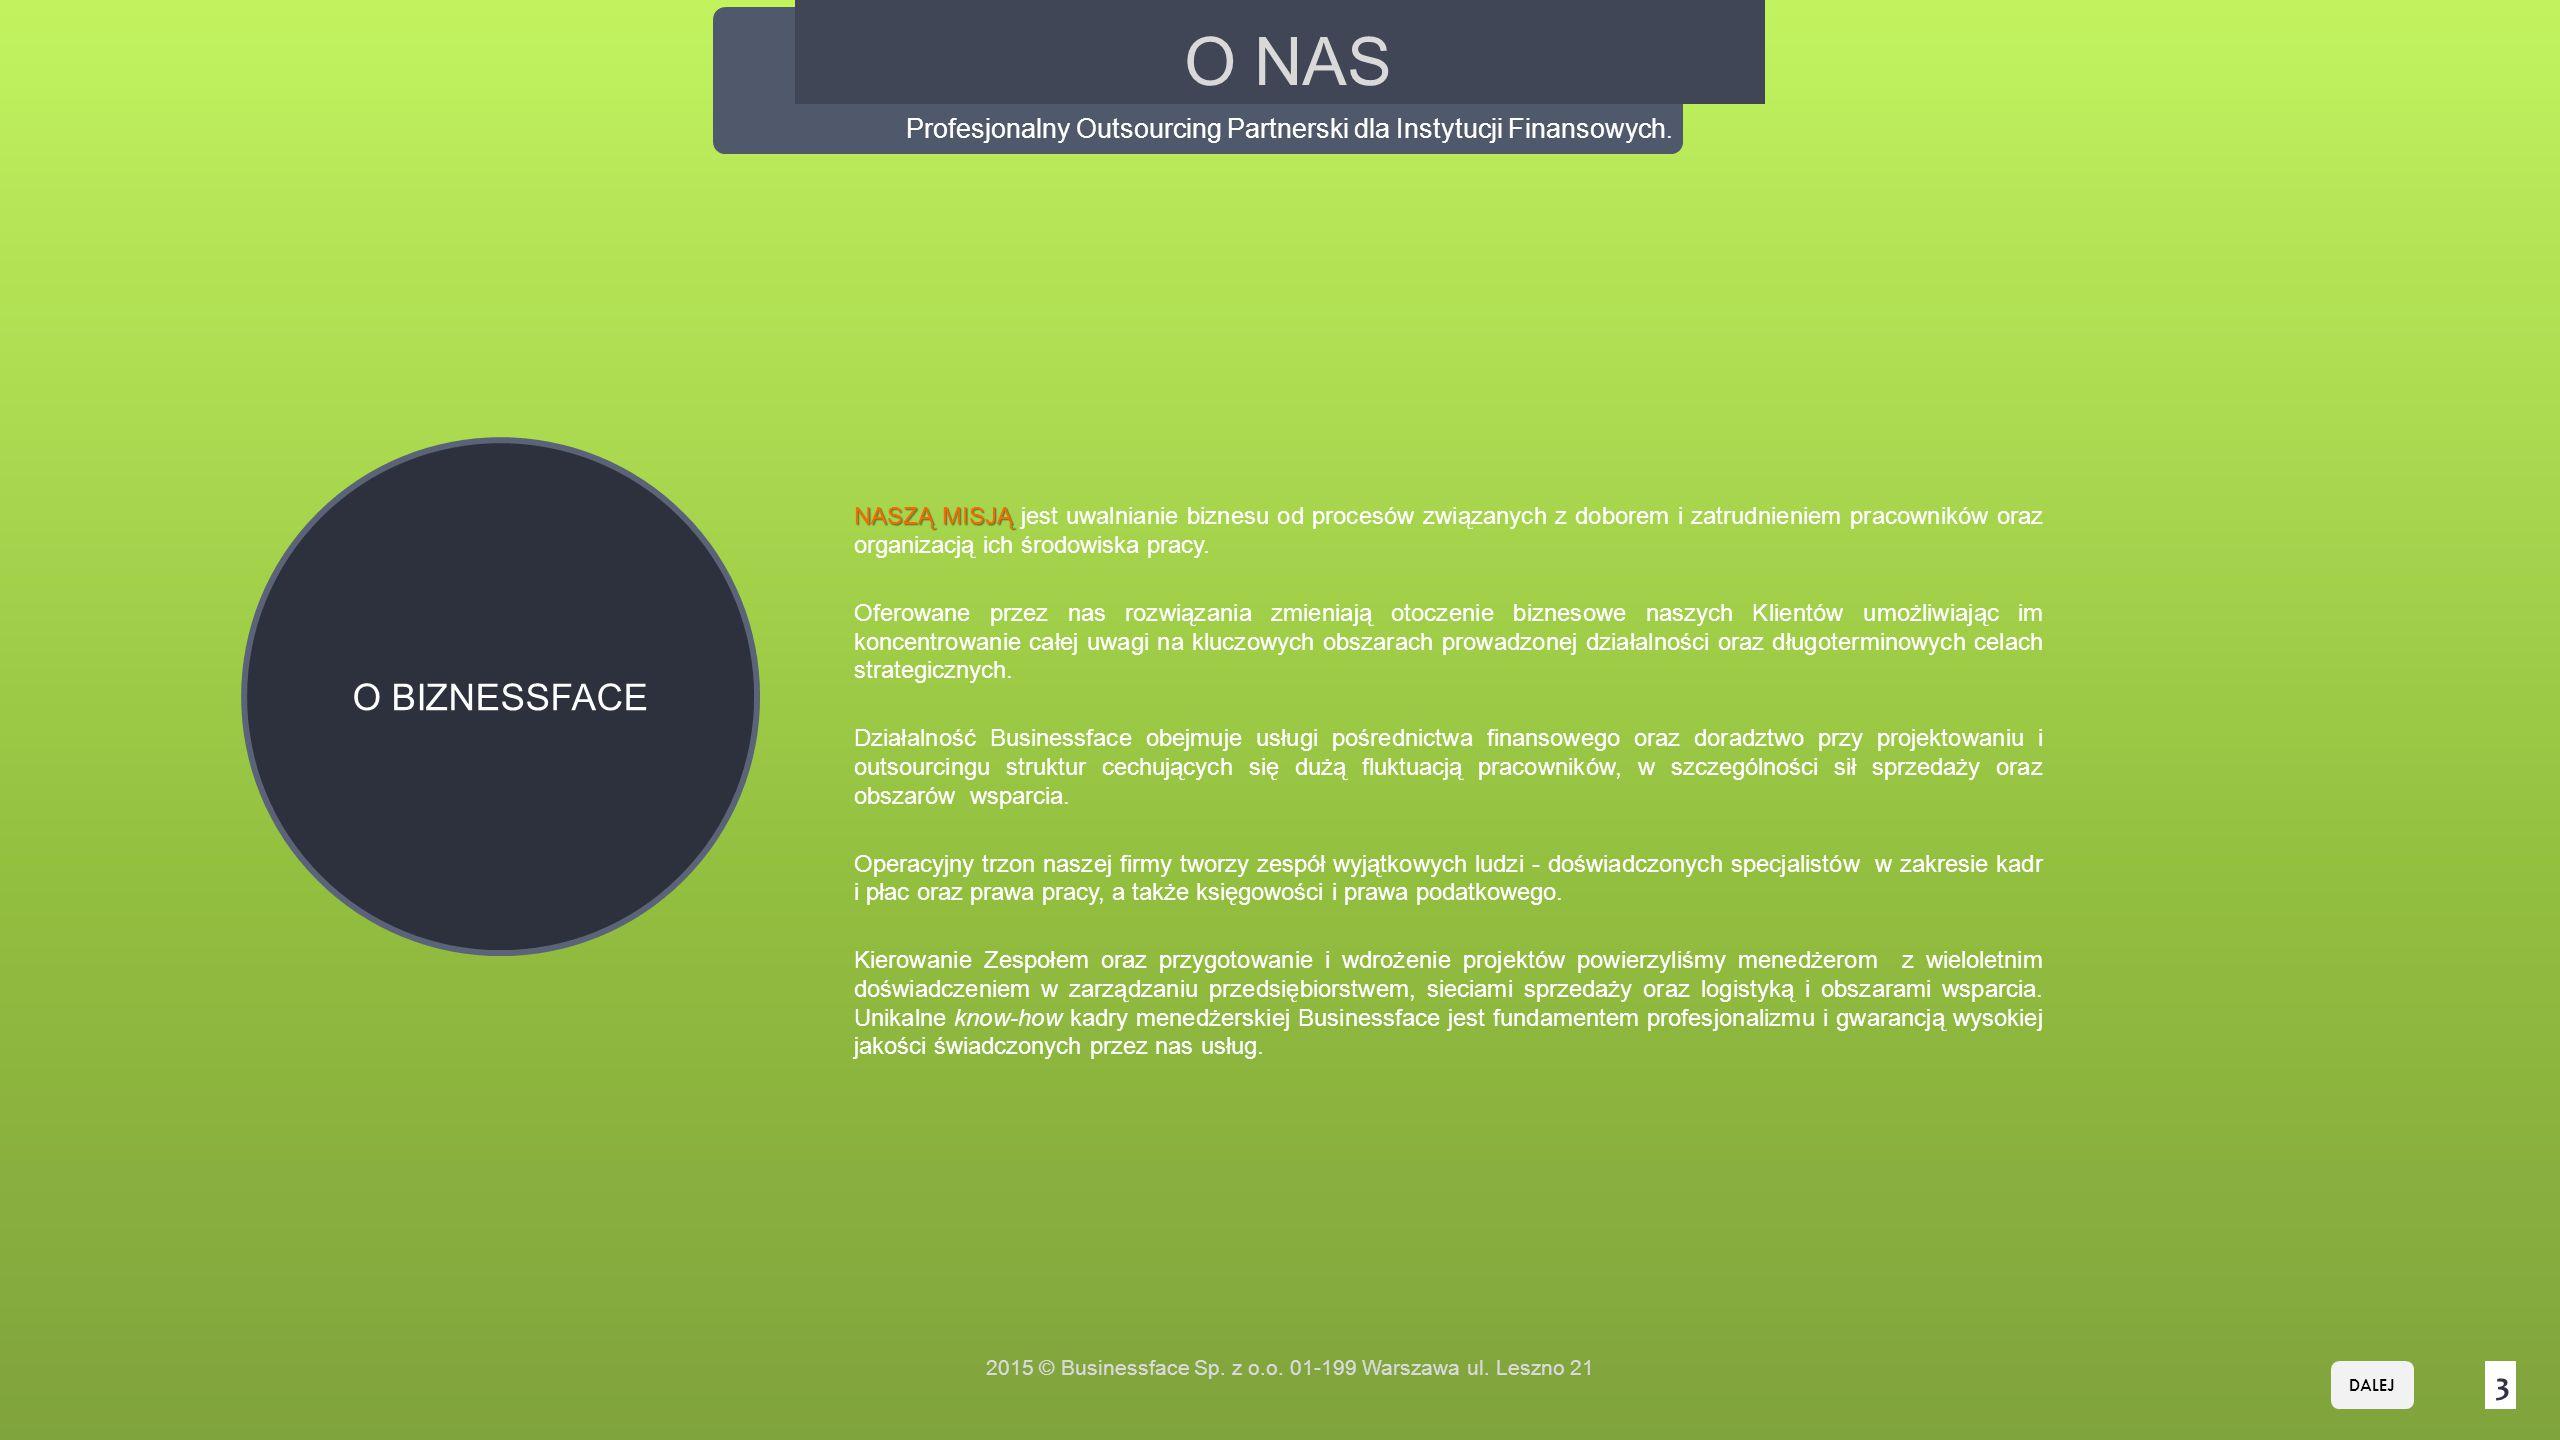 O NAS Profesjonalny Outsourcing Partnerski dla Instytucji Finansowych.